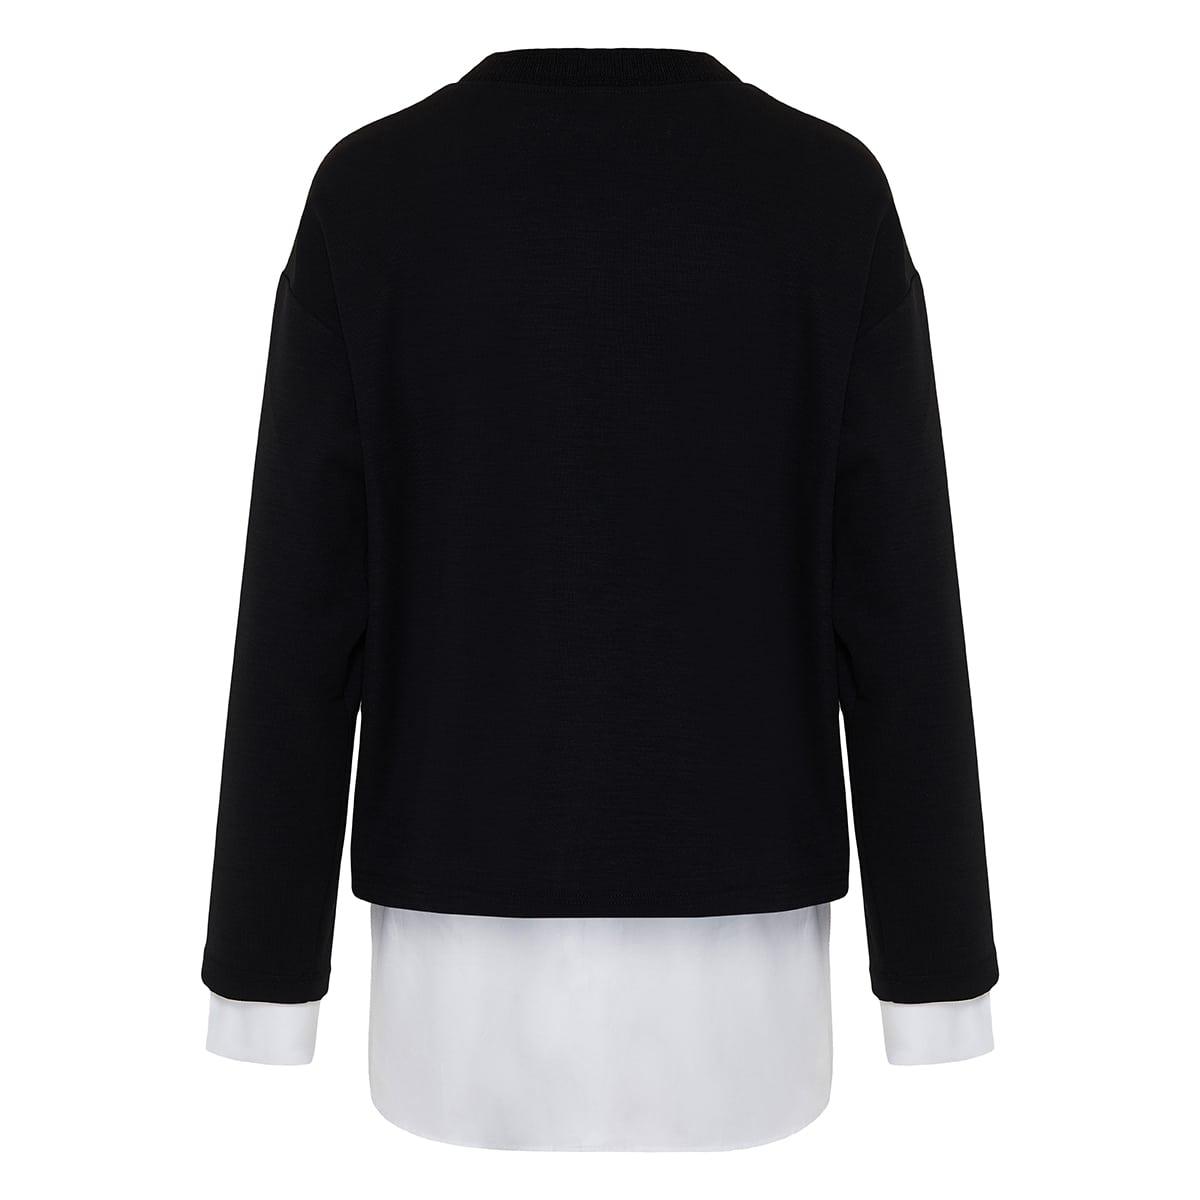 Double-layered sweatshirt